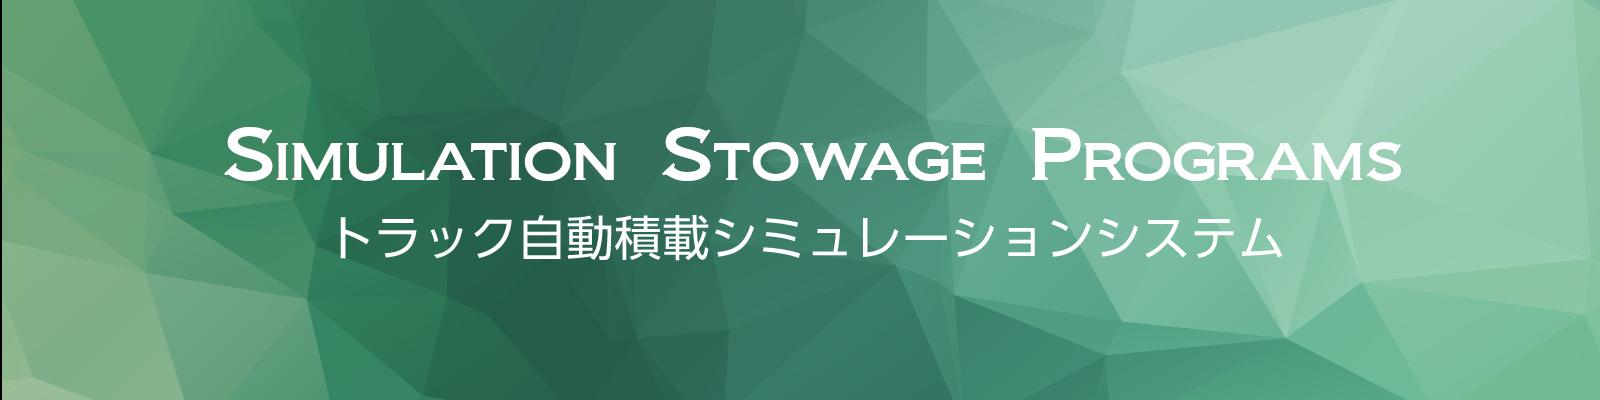 Simulation Stowage Programs -トラック自動積載シミュレーションシステム-